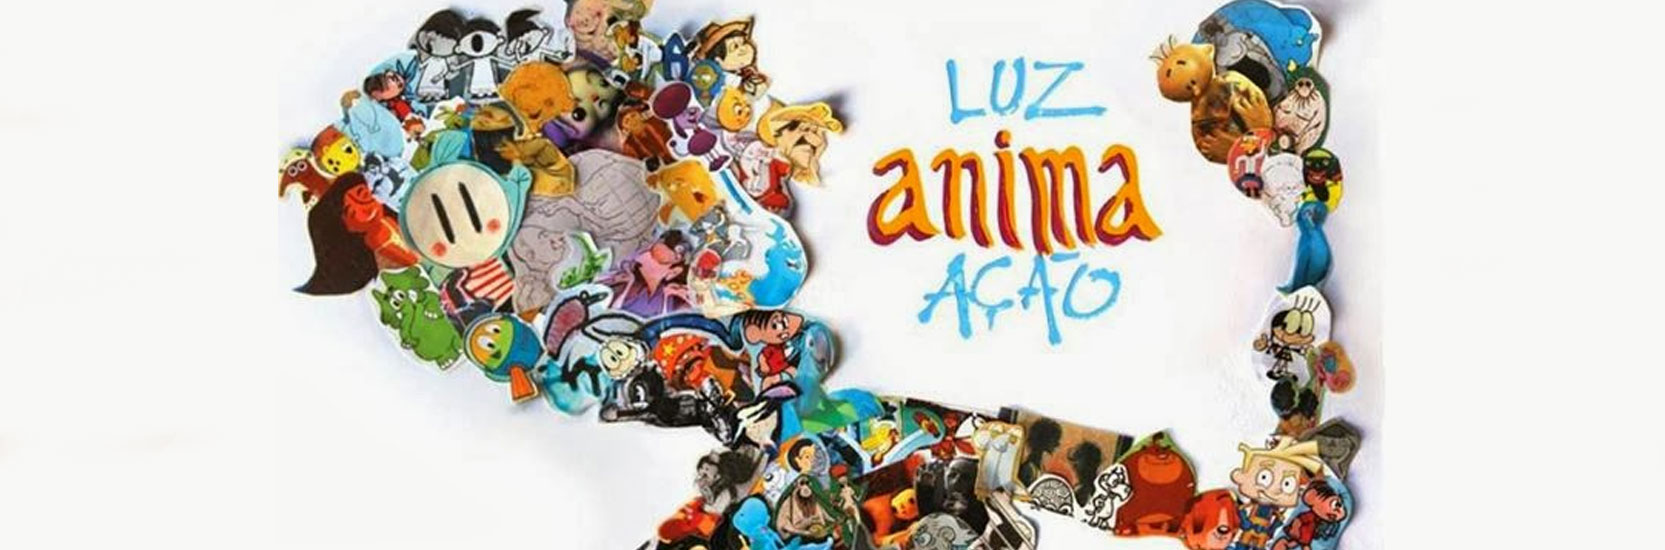 Critique – Silence Moteur Animation – L'Art de L'Animation Brésilienne